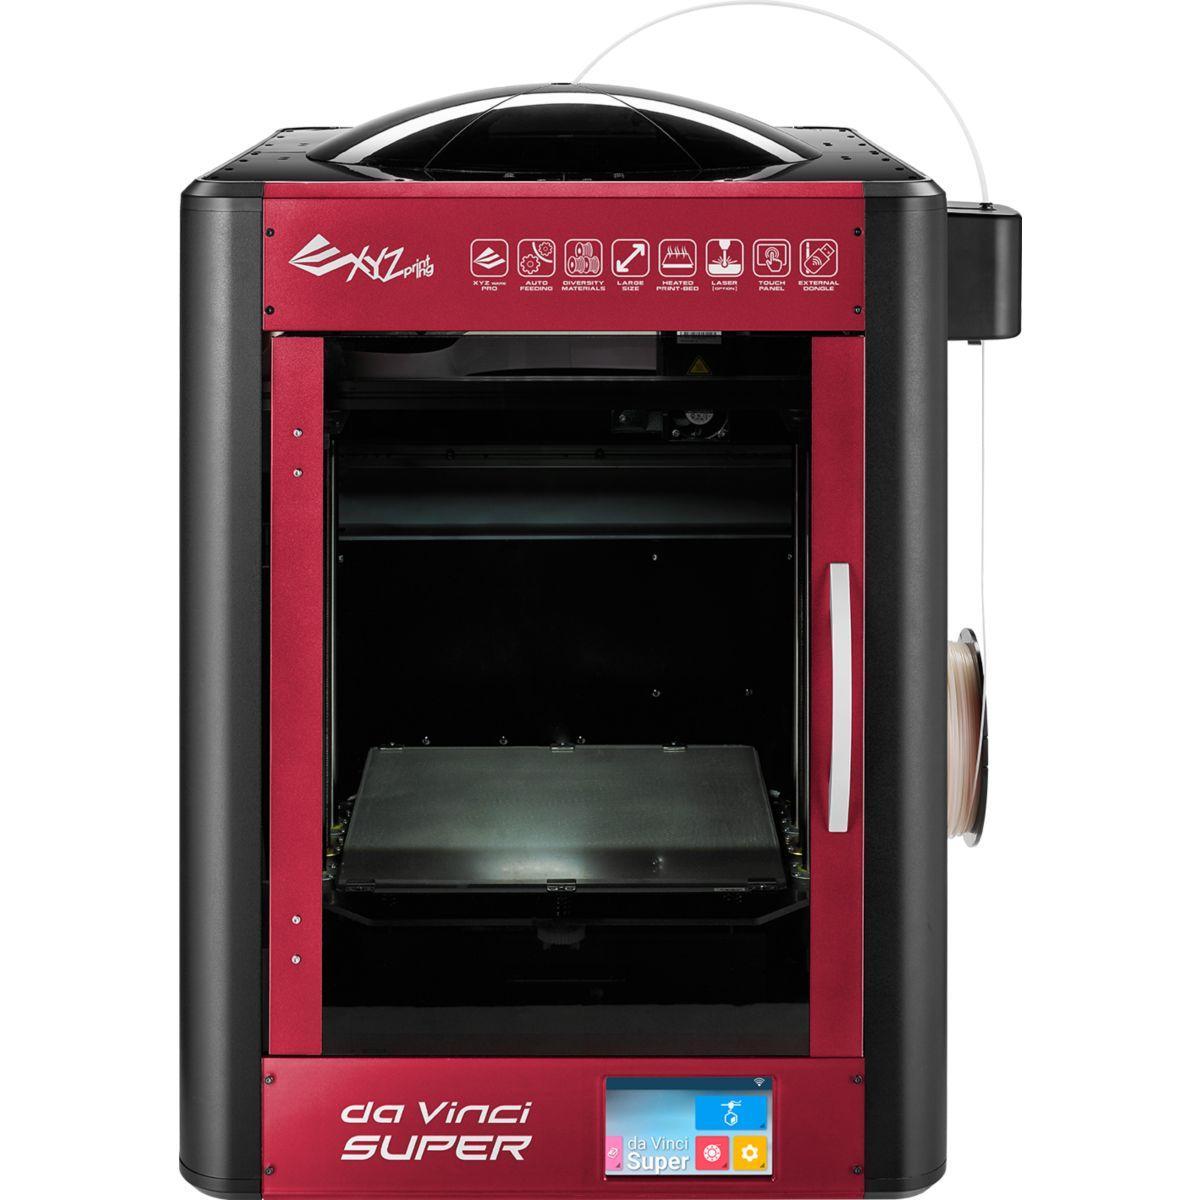 Imprimante 3d xyz printing da vinci super 1t�te - 15% de remise imm�diate avec le code : deal15 (photo)